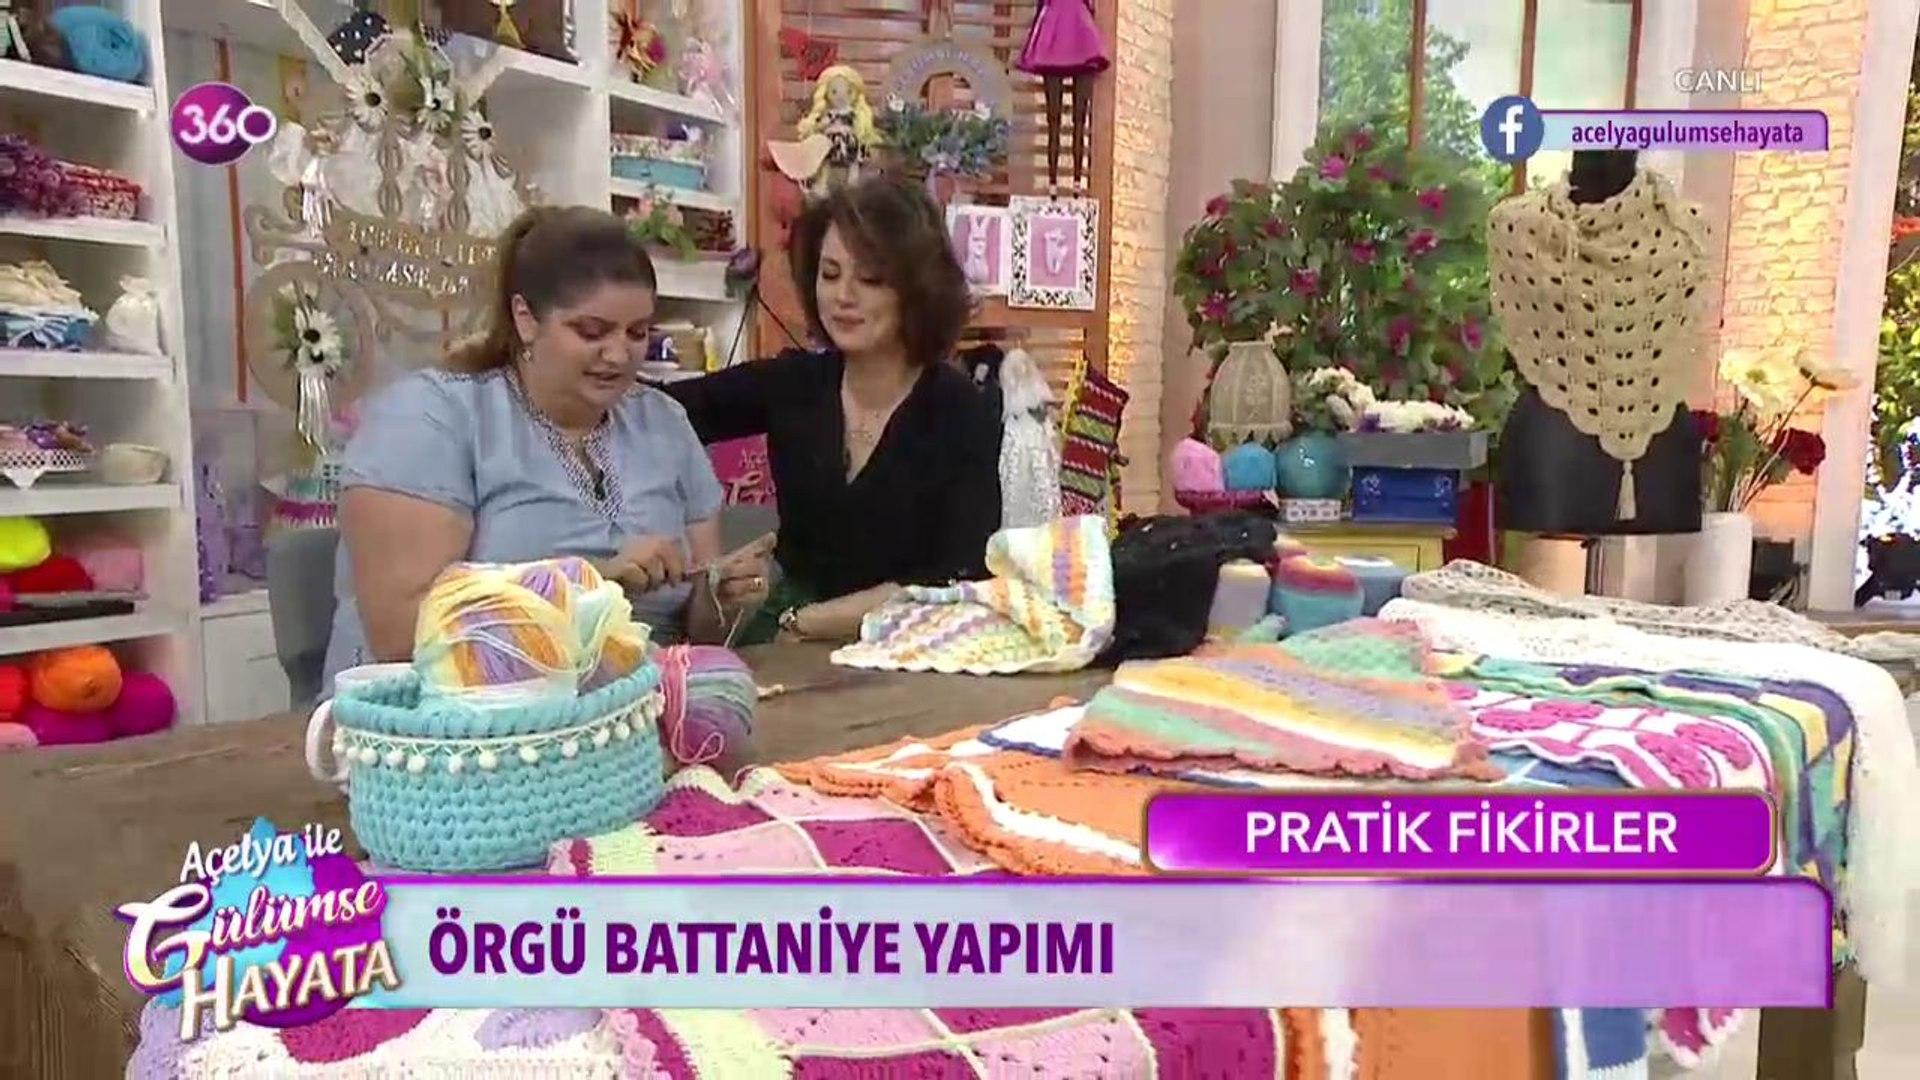 Örgü battaniye yapımı